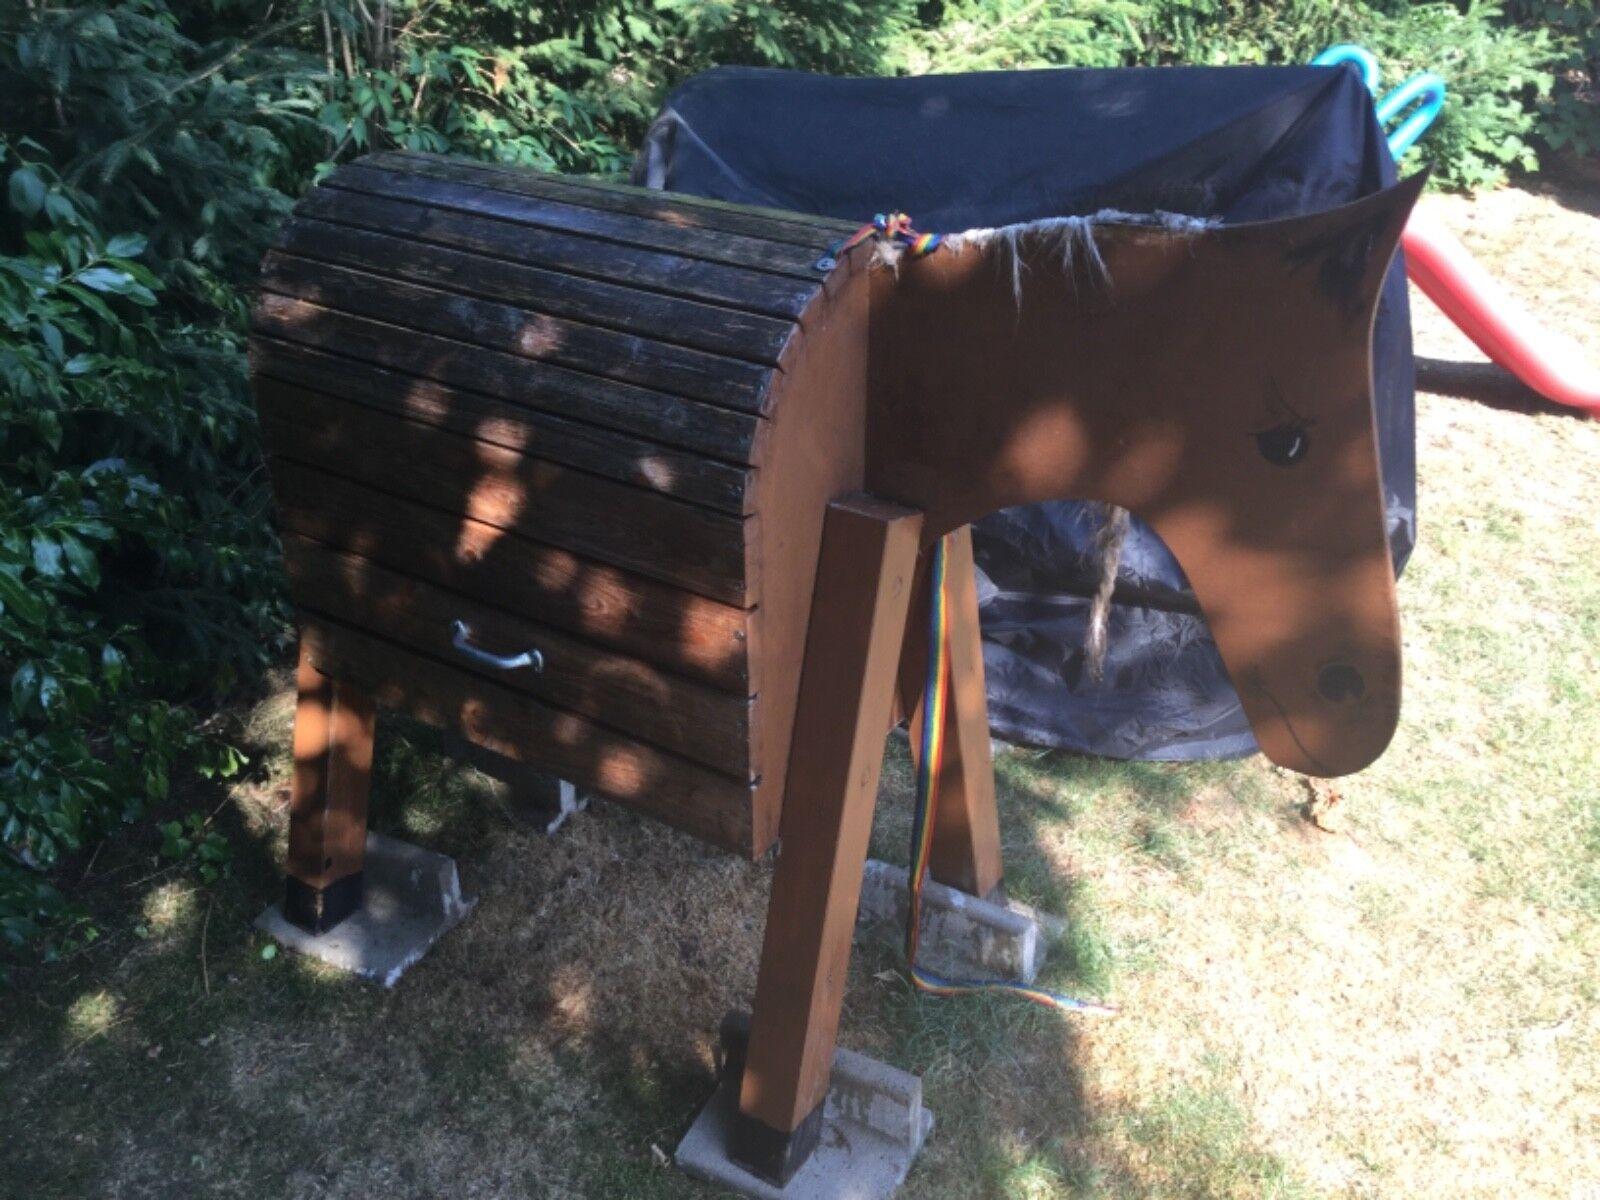 pferd holz garten test vergleich +++ pferd holz garten günstig kaufen!